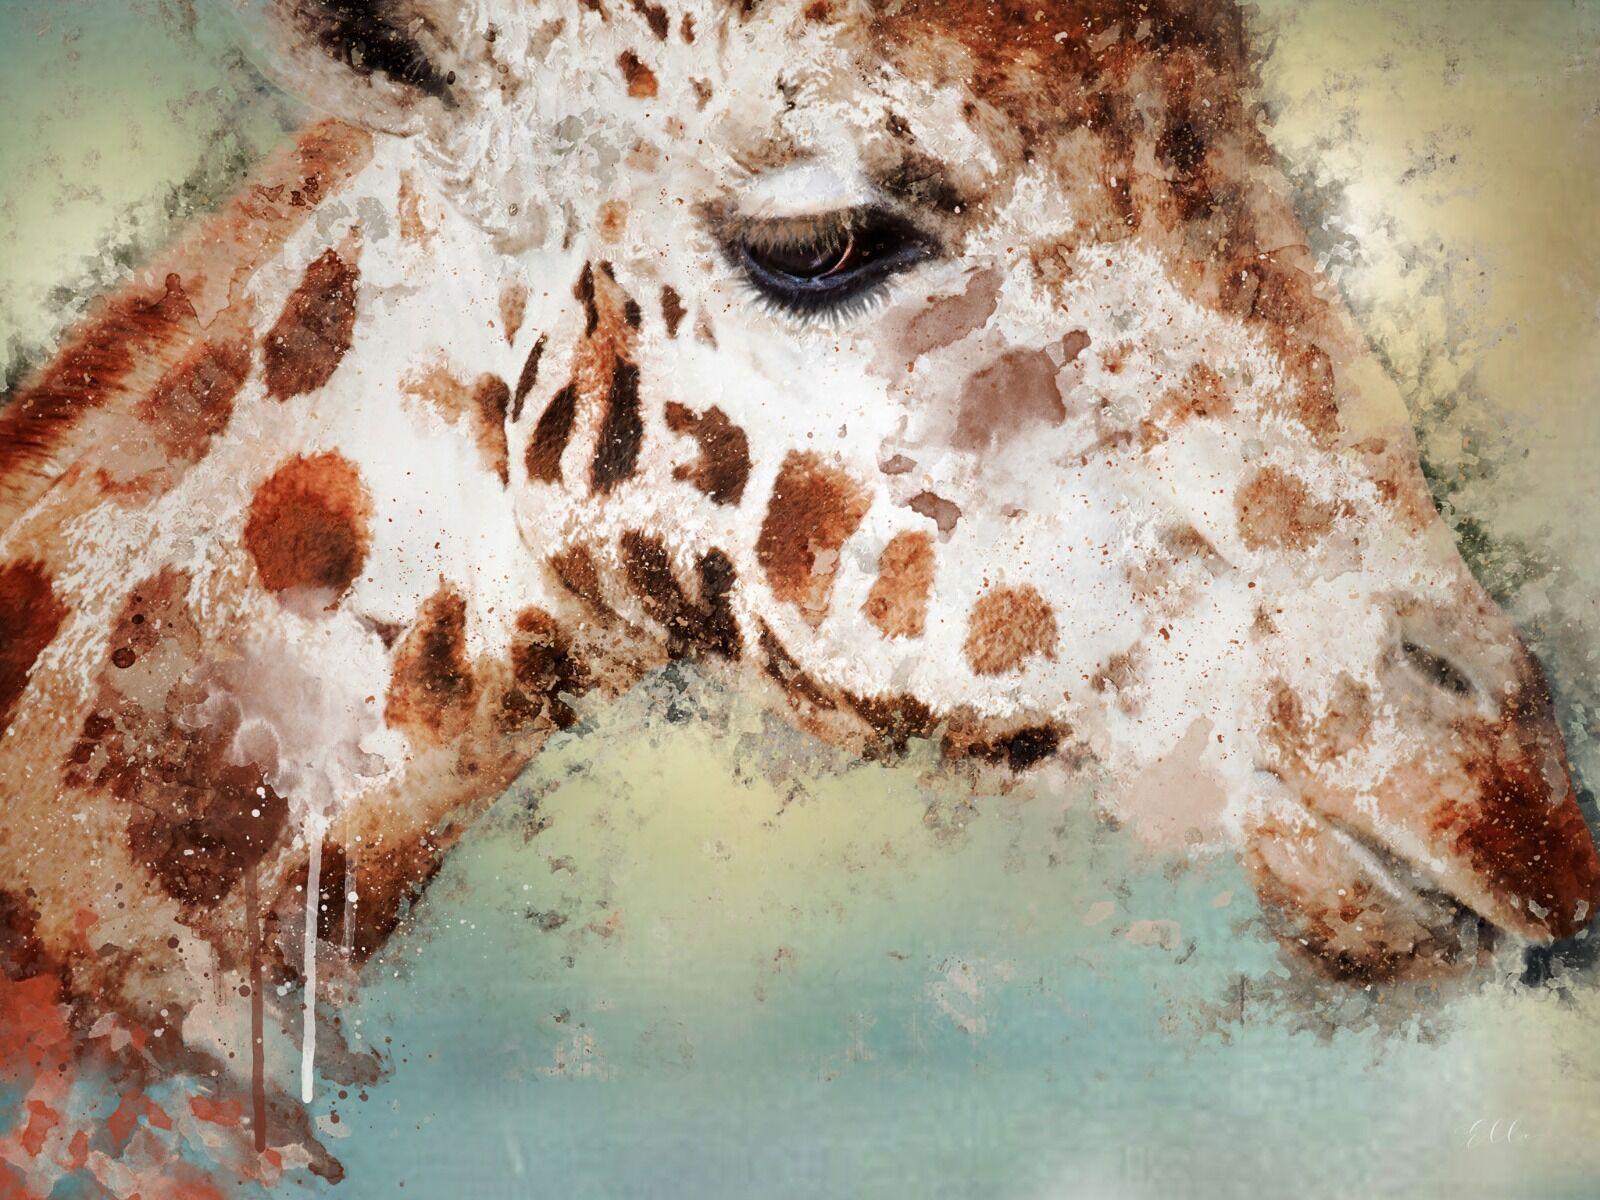 Giraffe - Mixed Art Effect